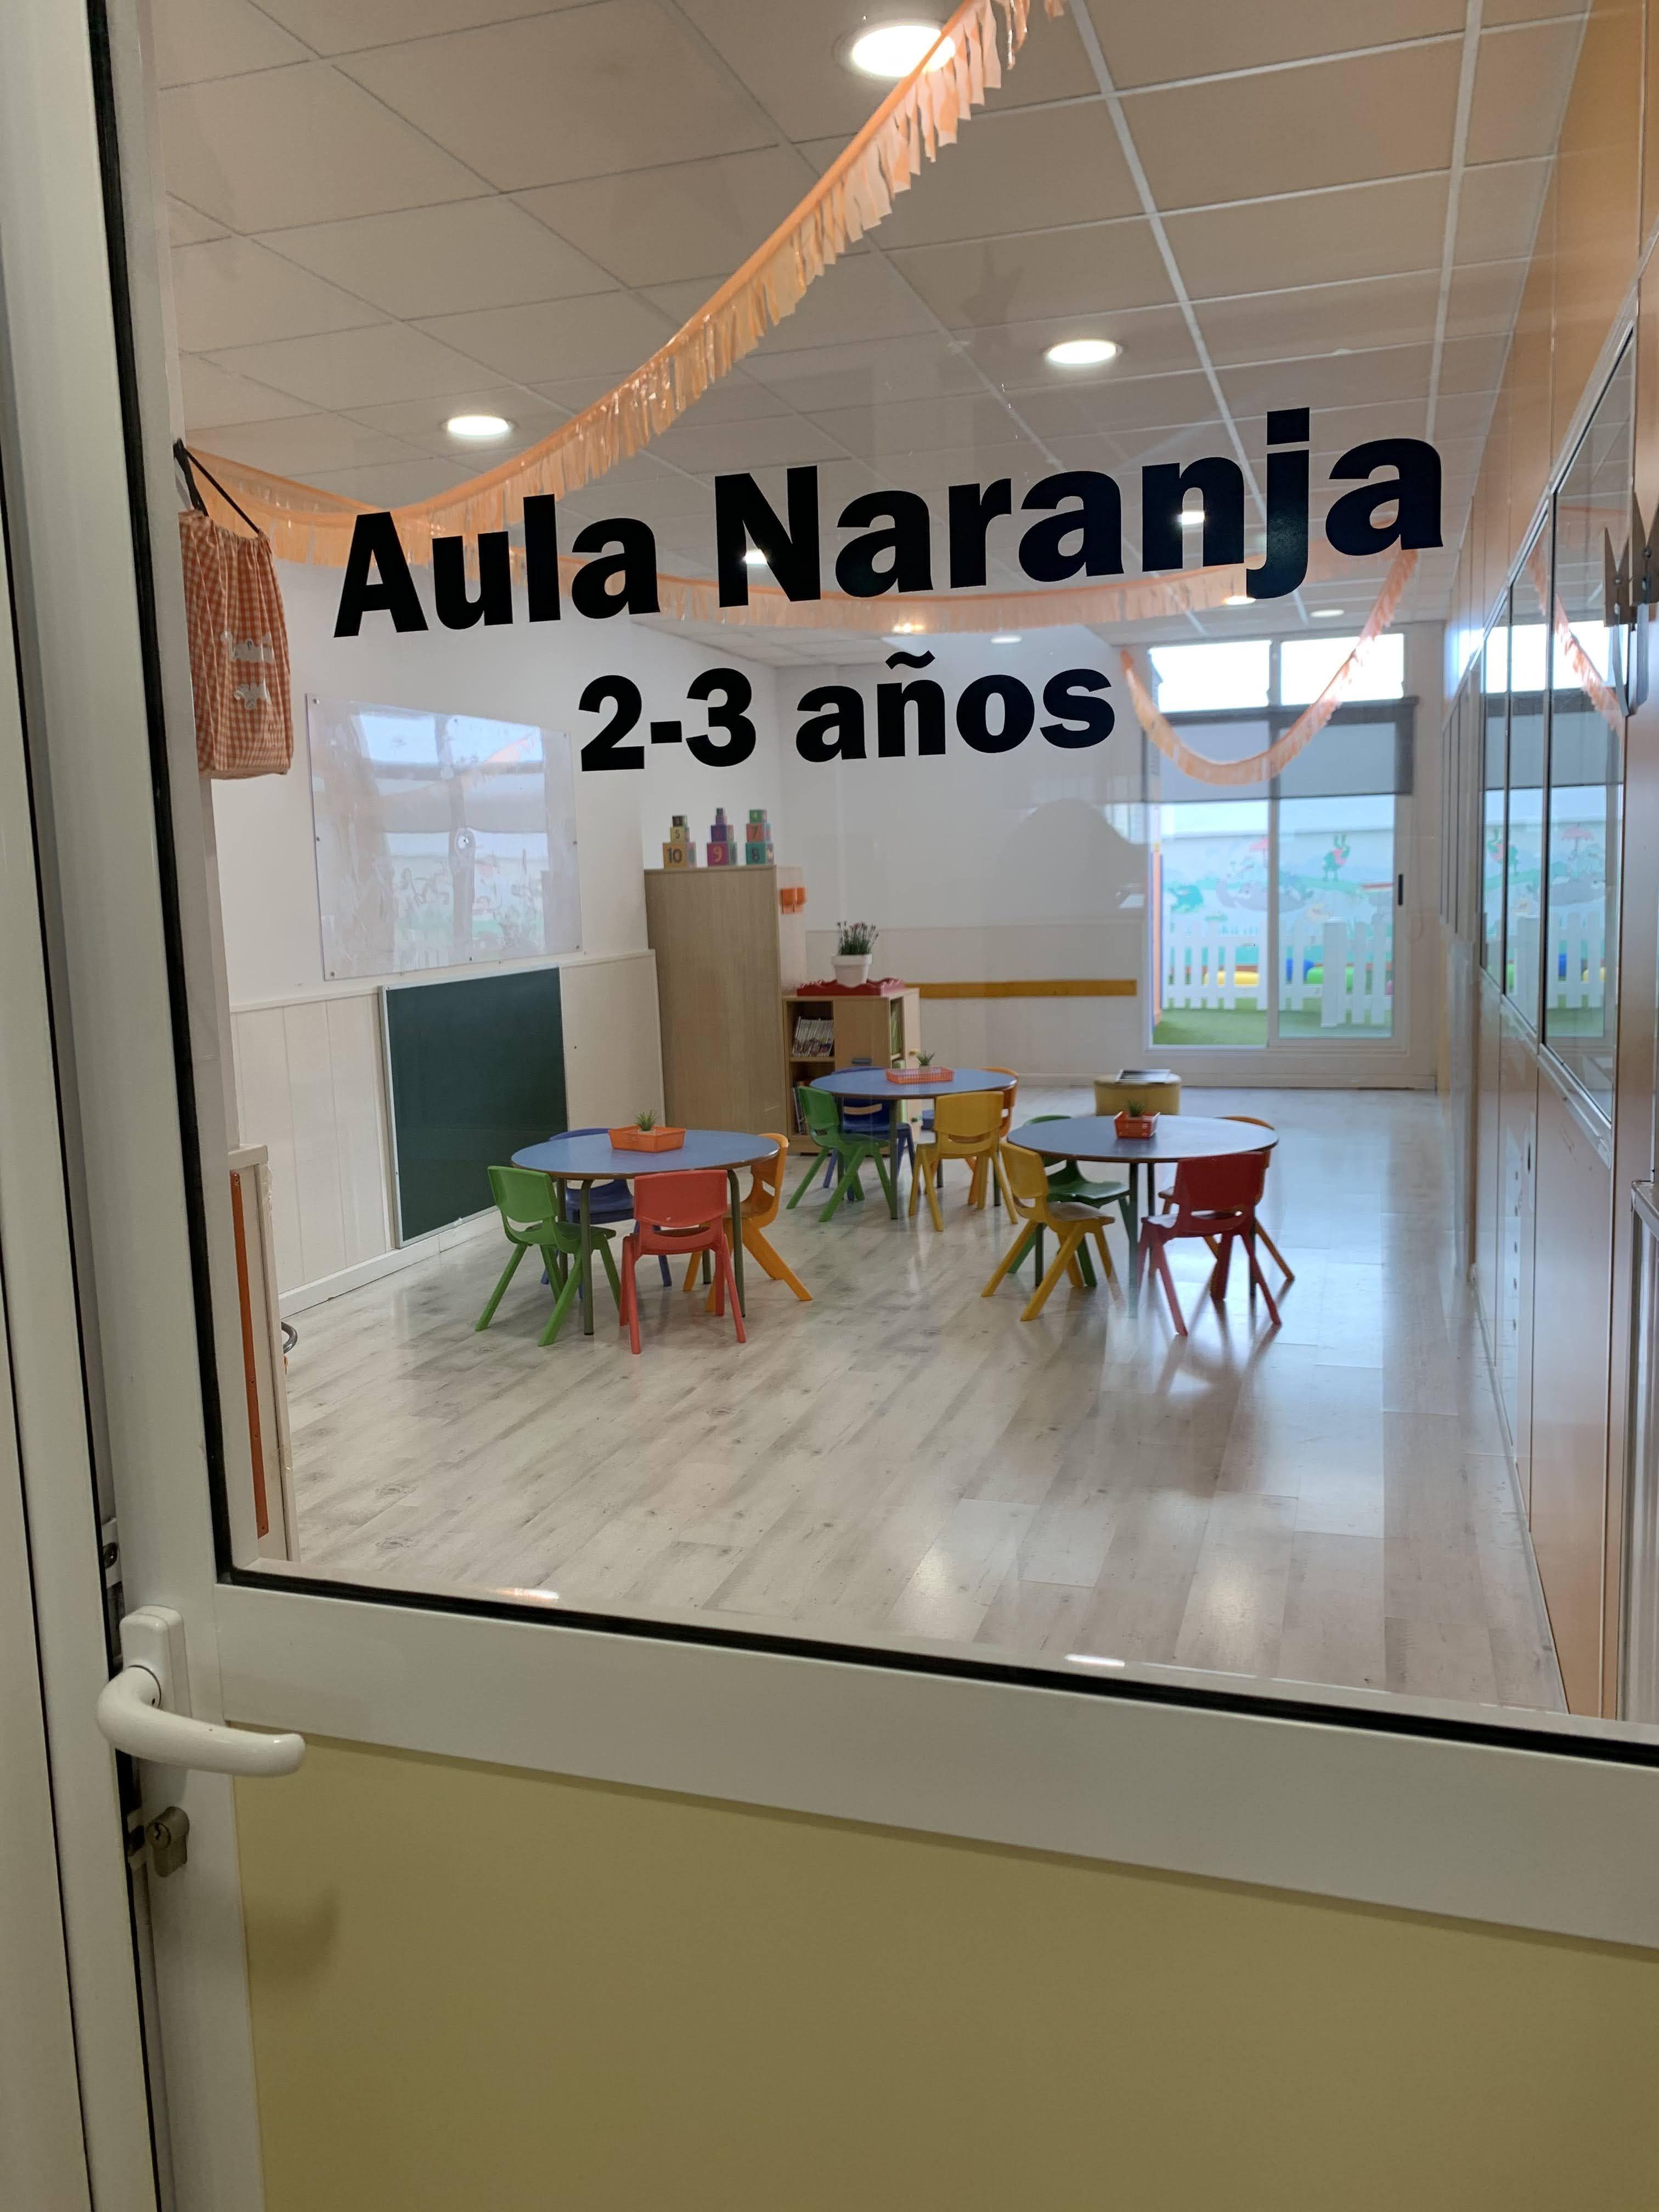 Aula Naranja, aula de 2 a 3 años